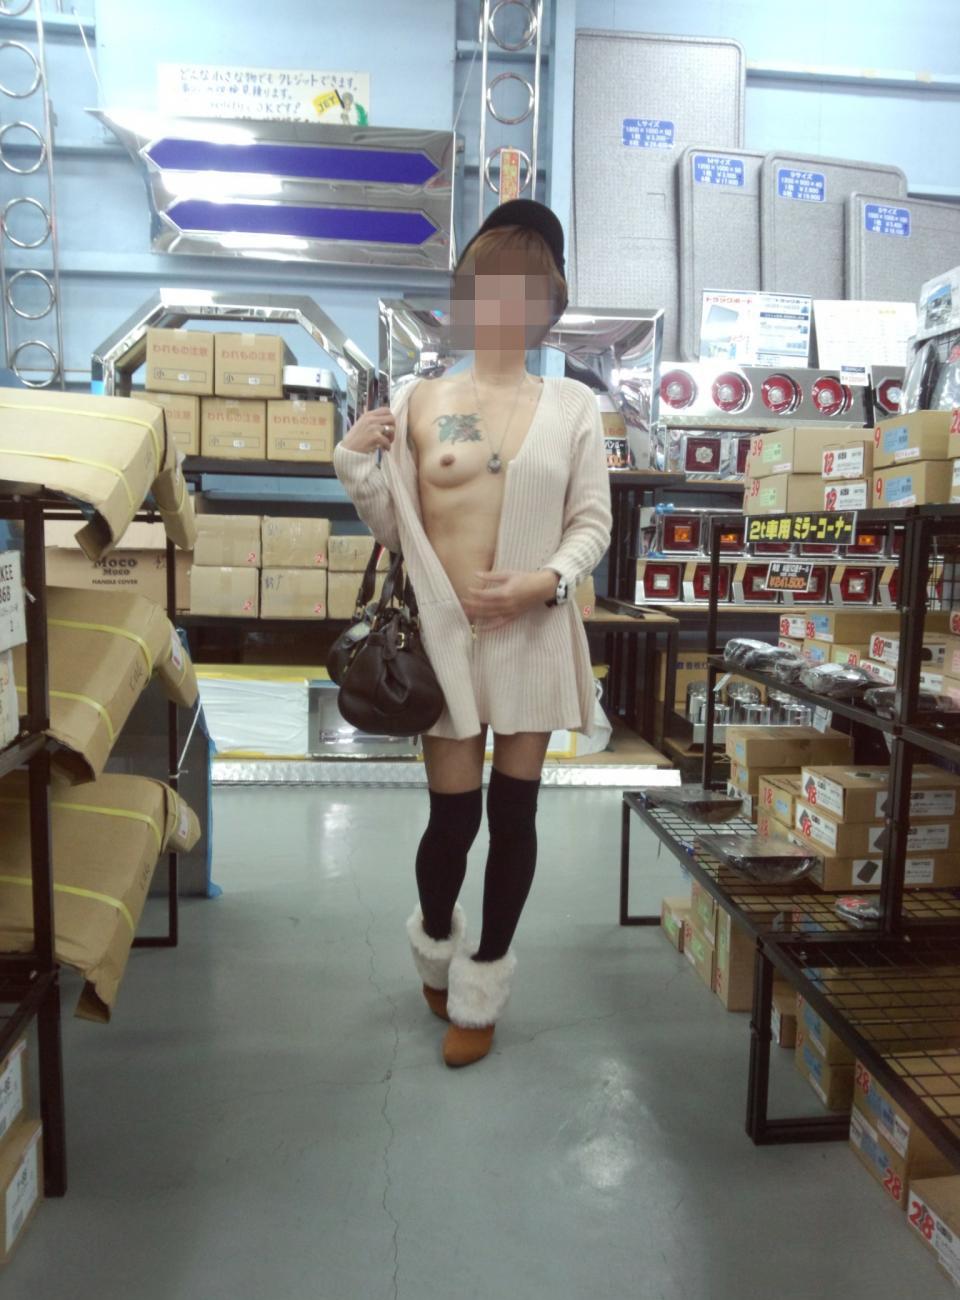 店内で人目を盗んでおっぱいを露出してる変態美女!